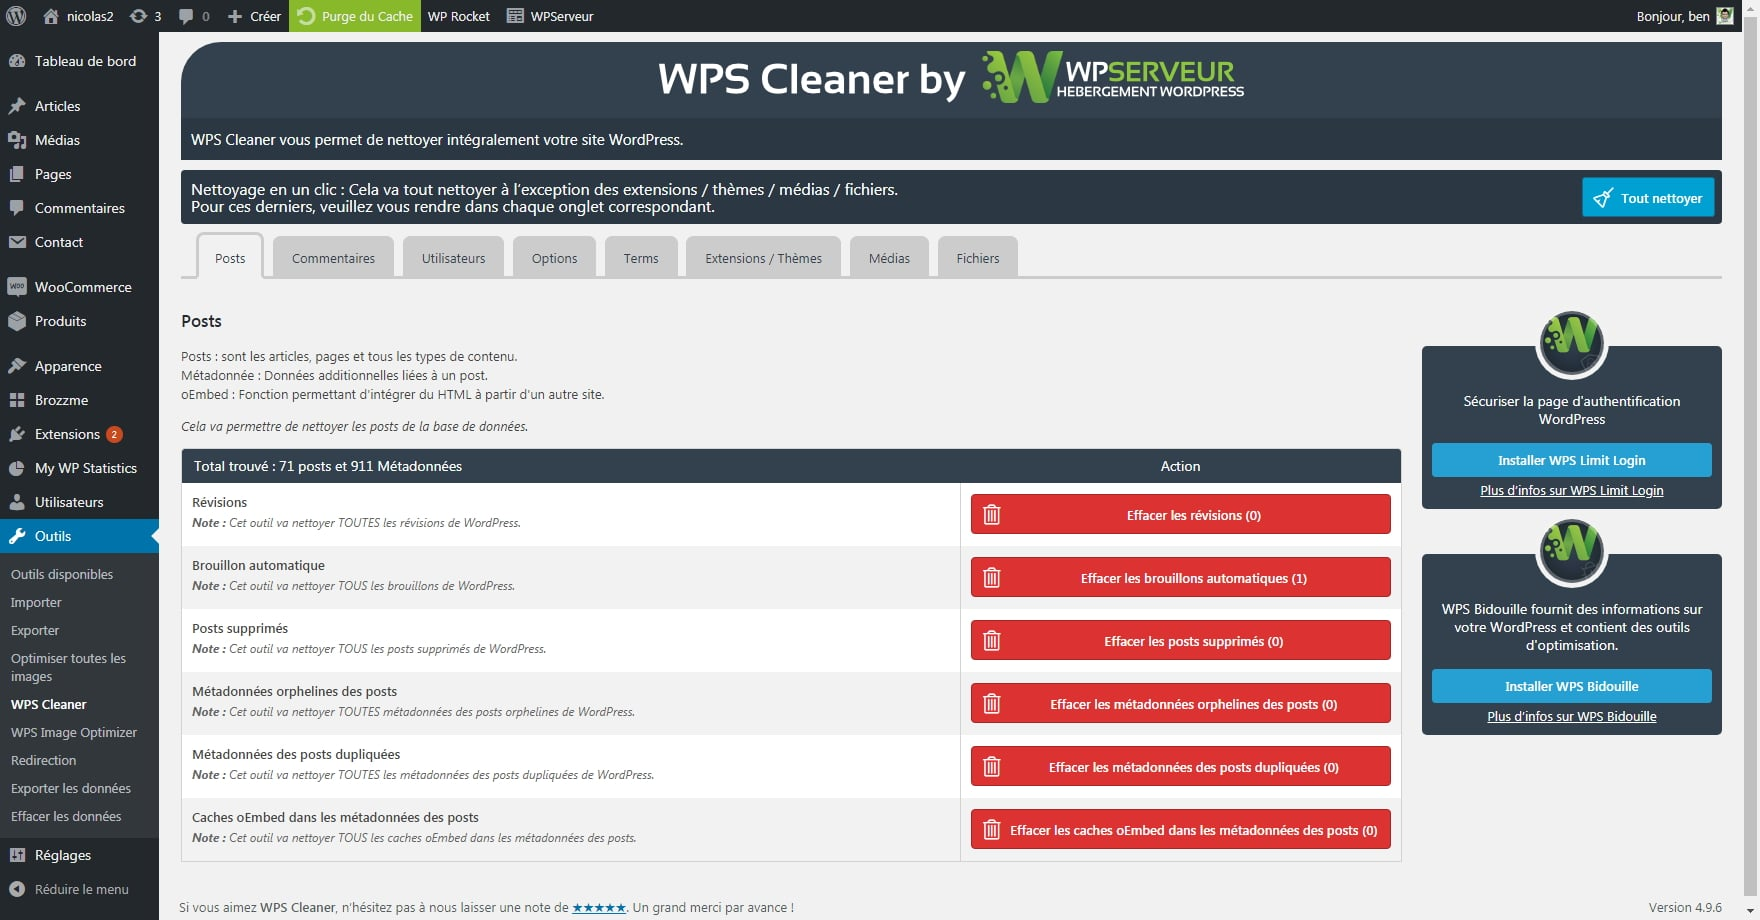 WPS Cleaner - Fonctionnalités